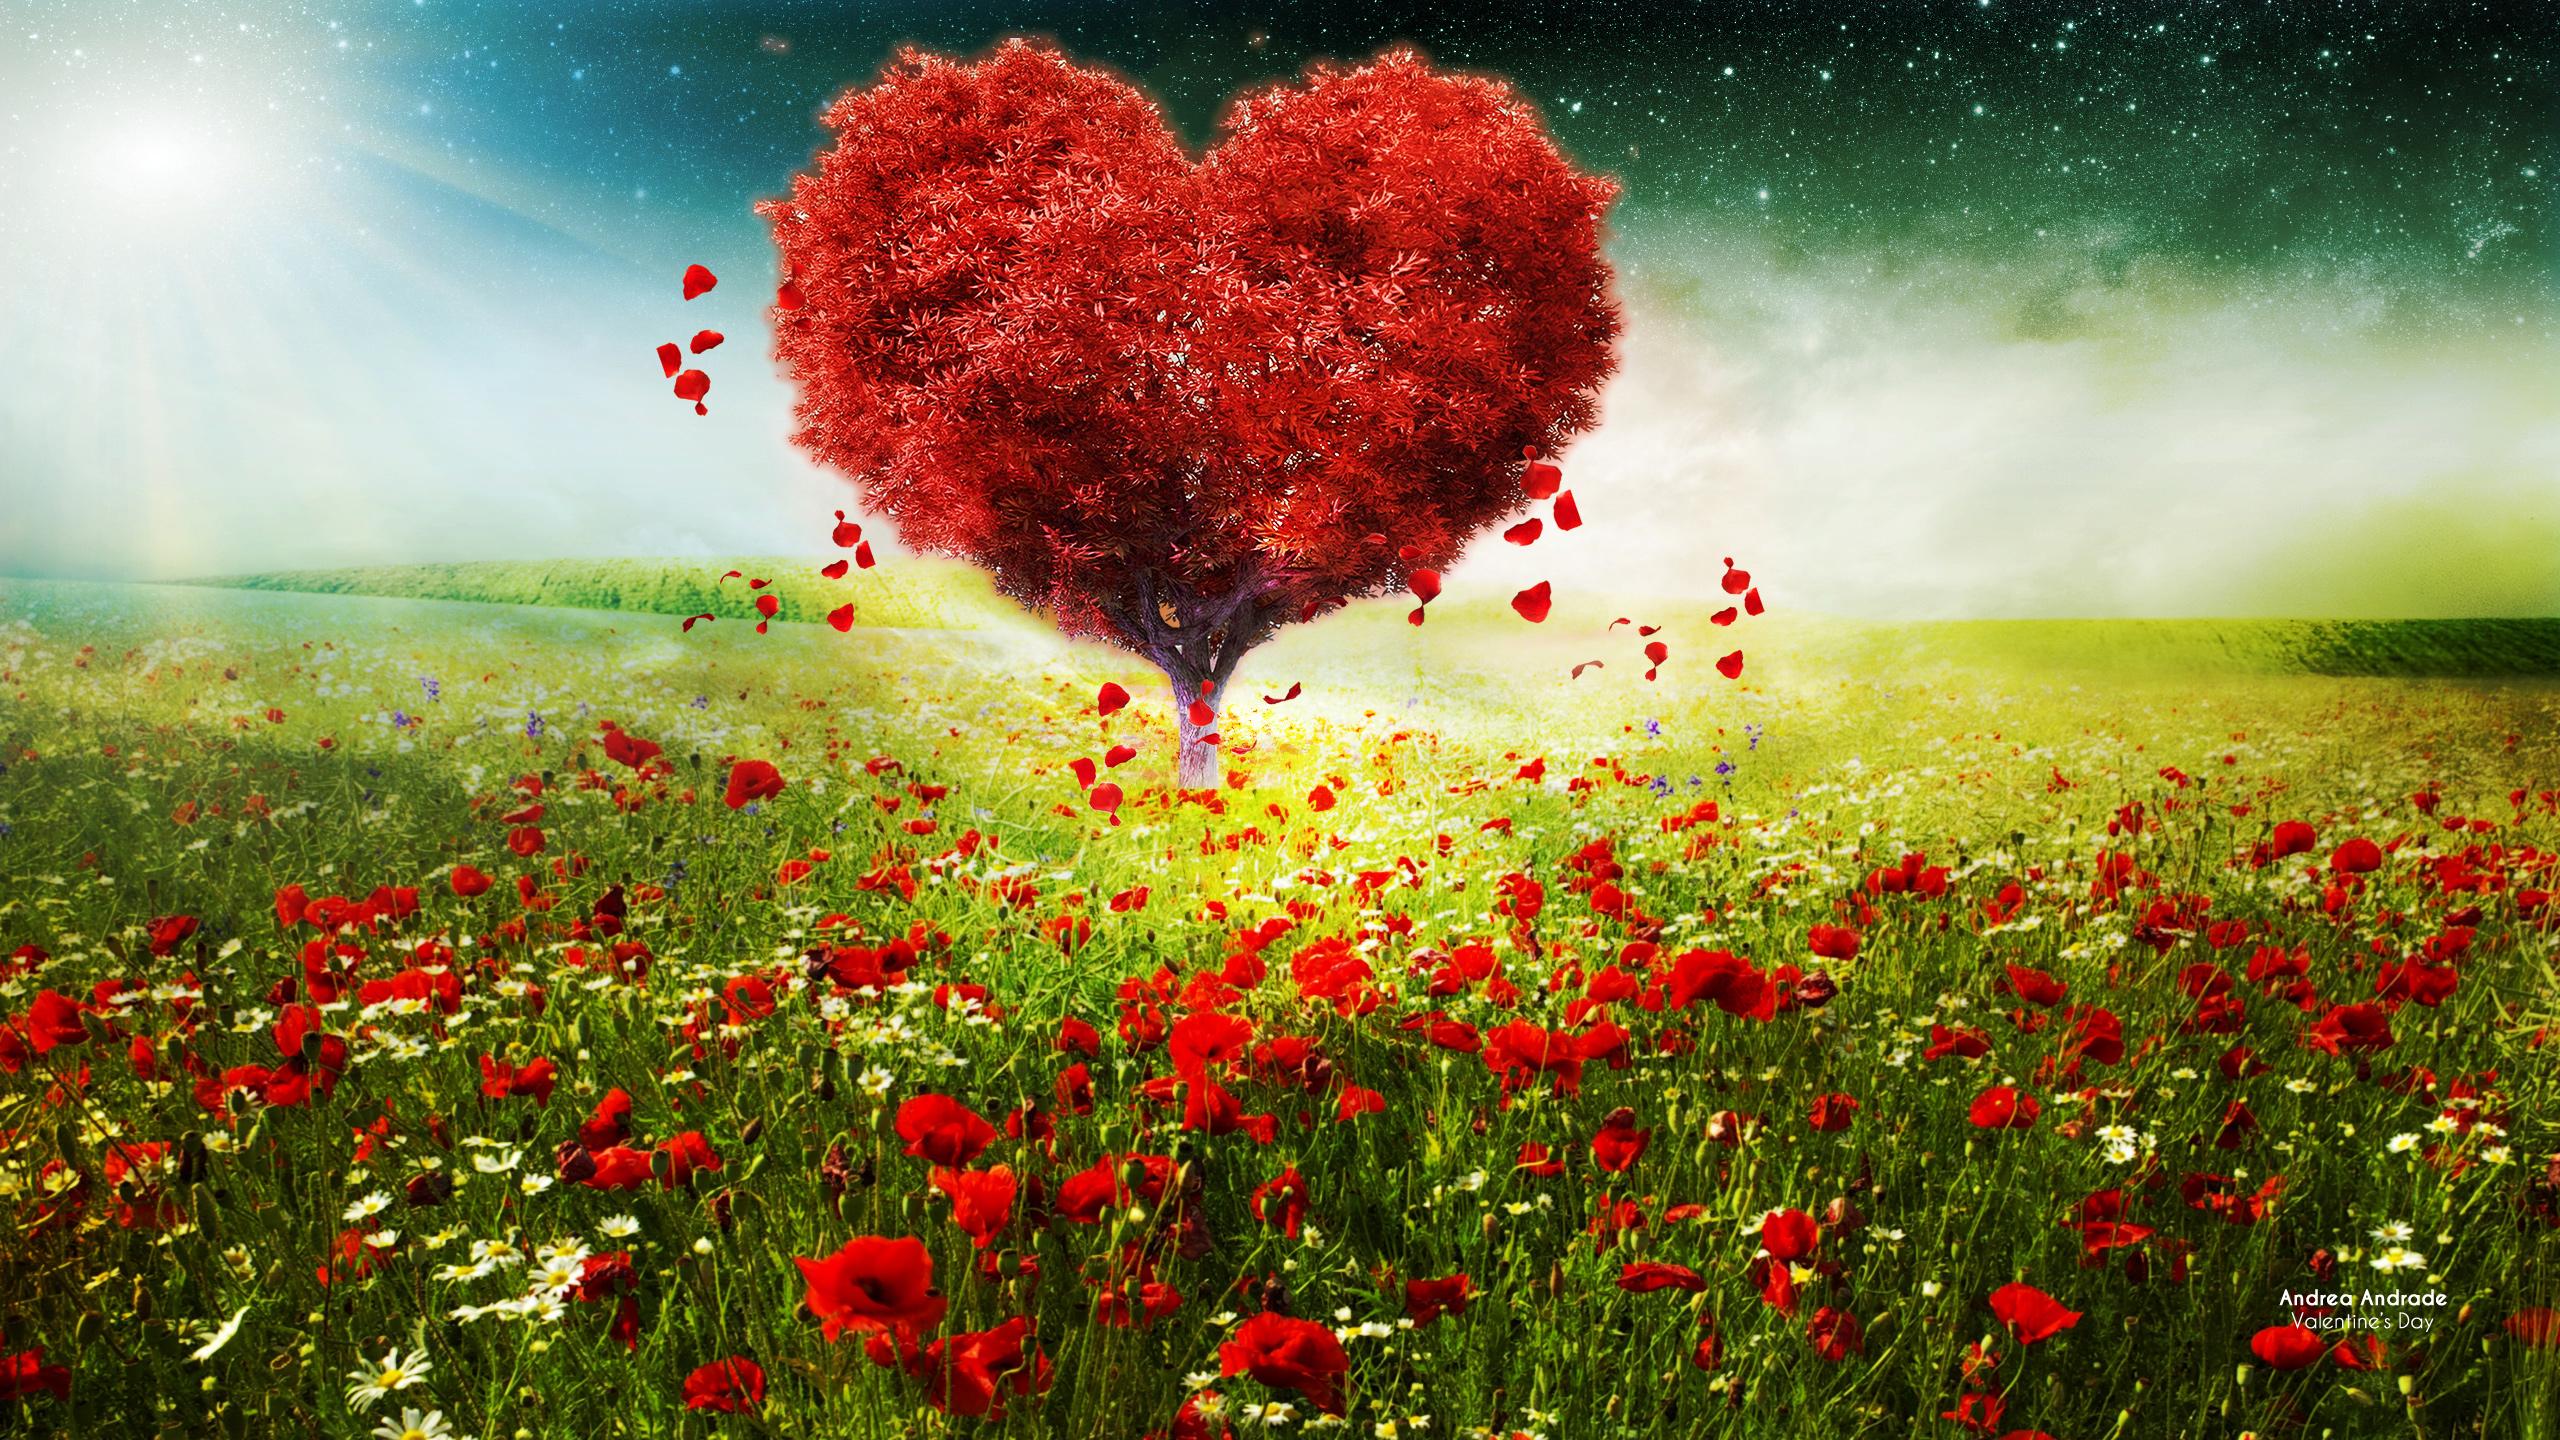 День Святого Валентина любовь сердца дерево пейзаж обои скачать